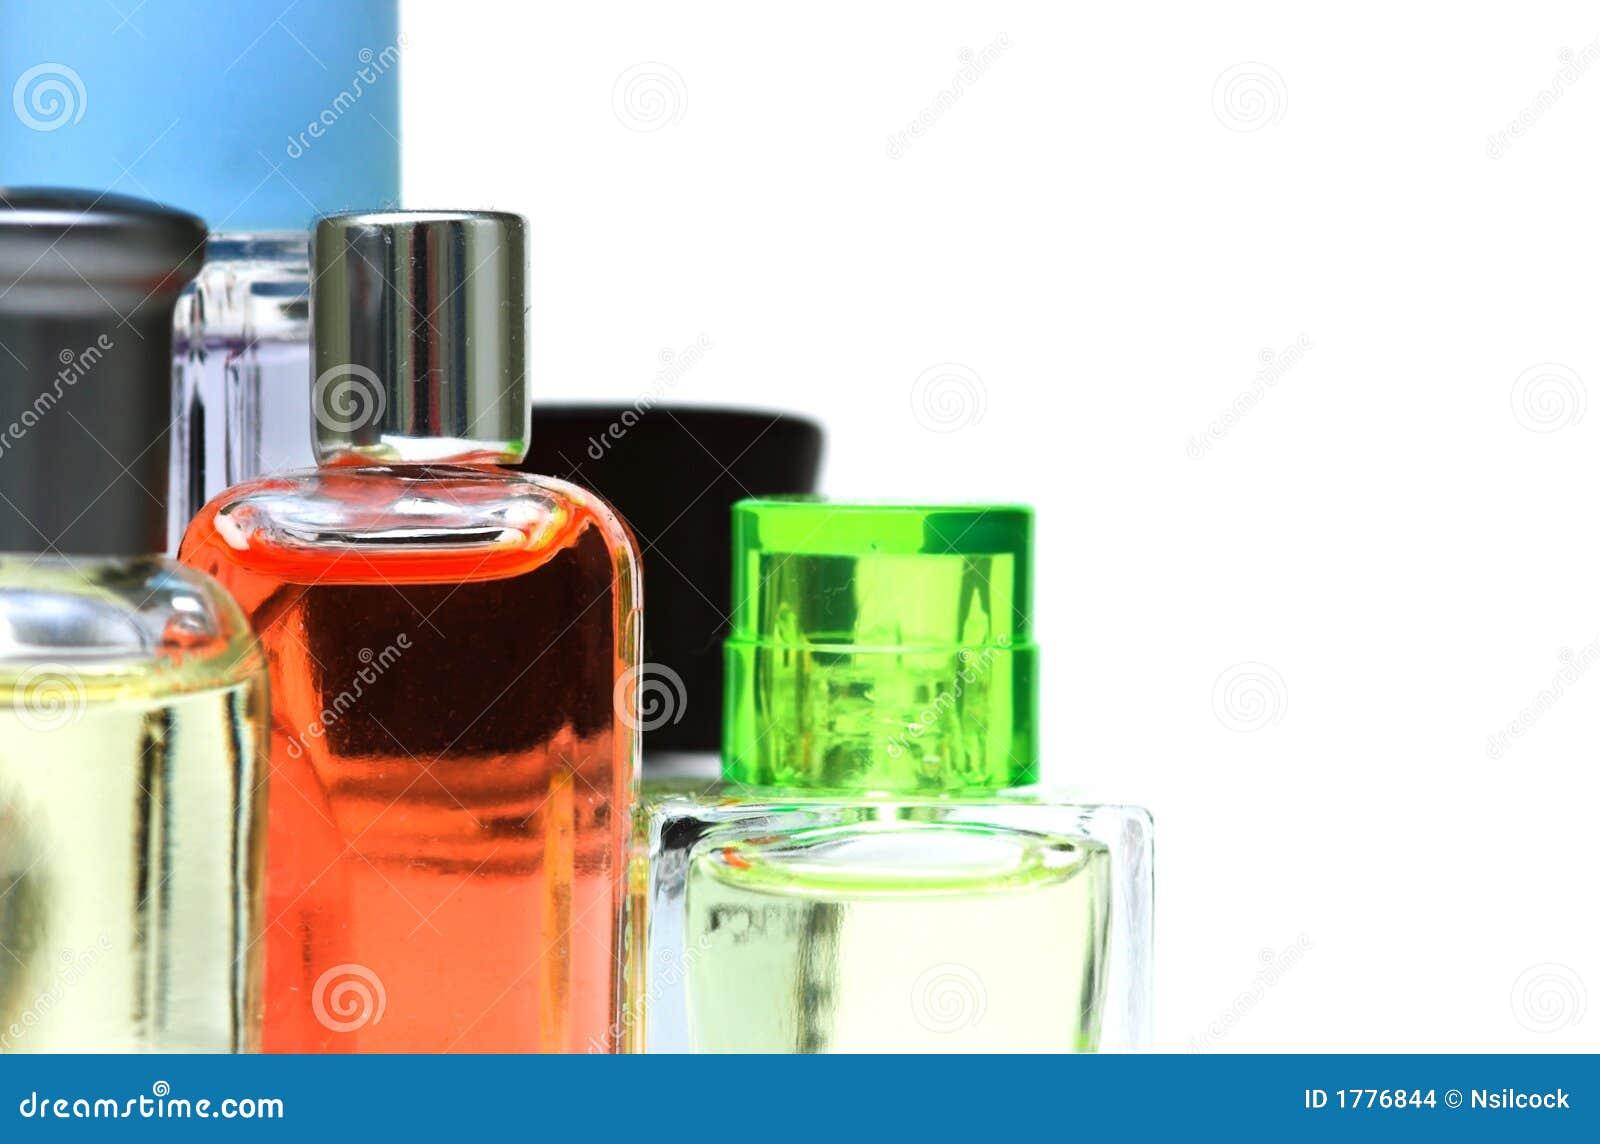 06633e5d367a Perfumes foto de stock. Imagem de perfume, frasco, recipiente - 1776844